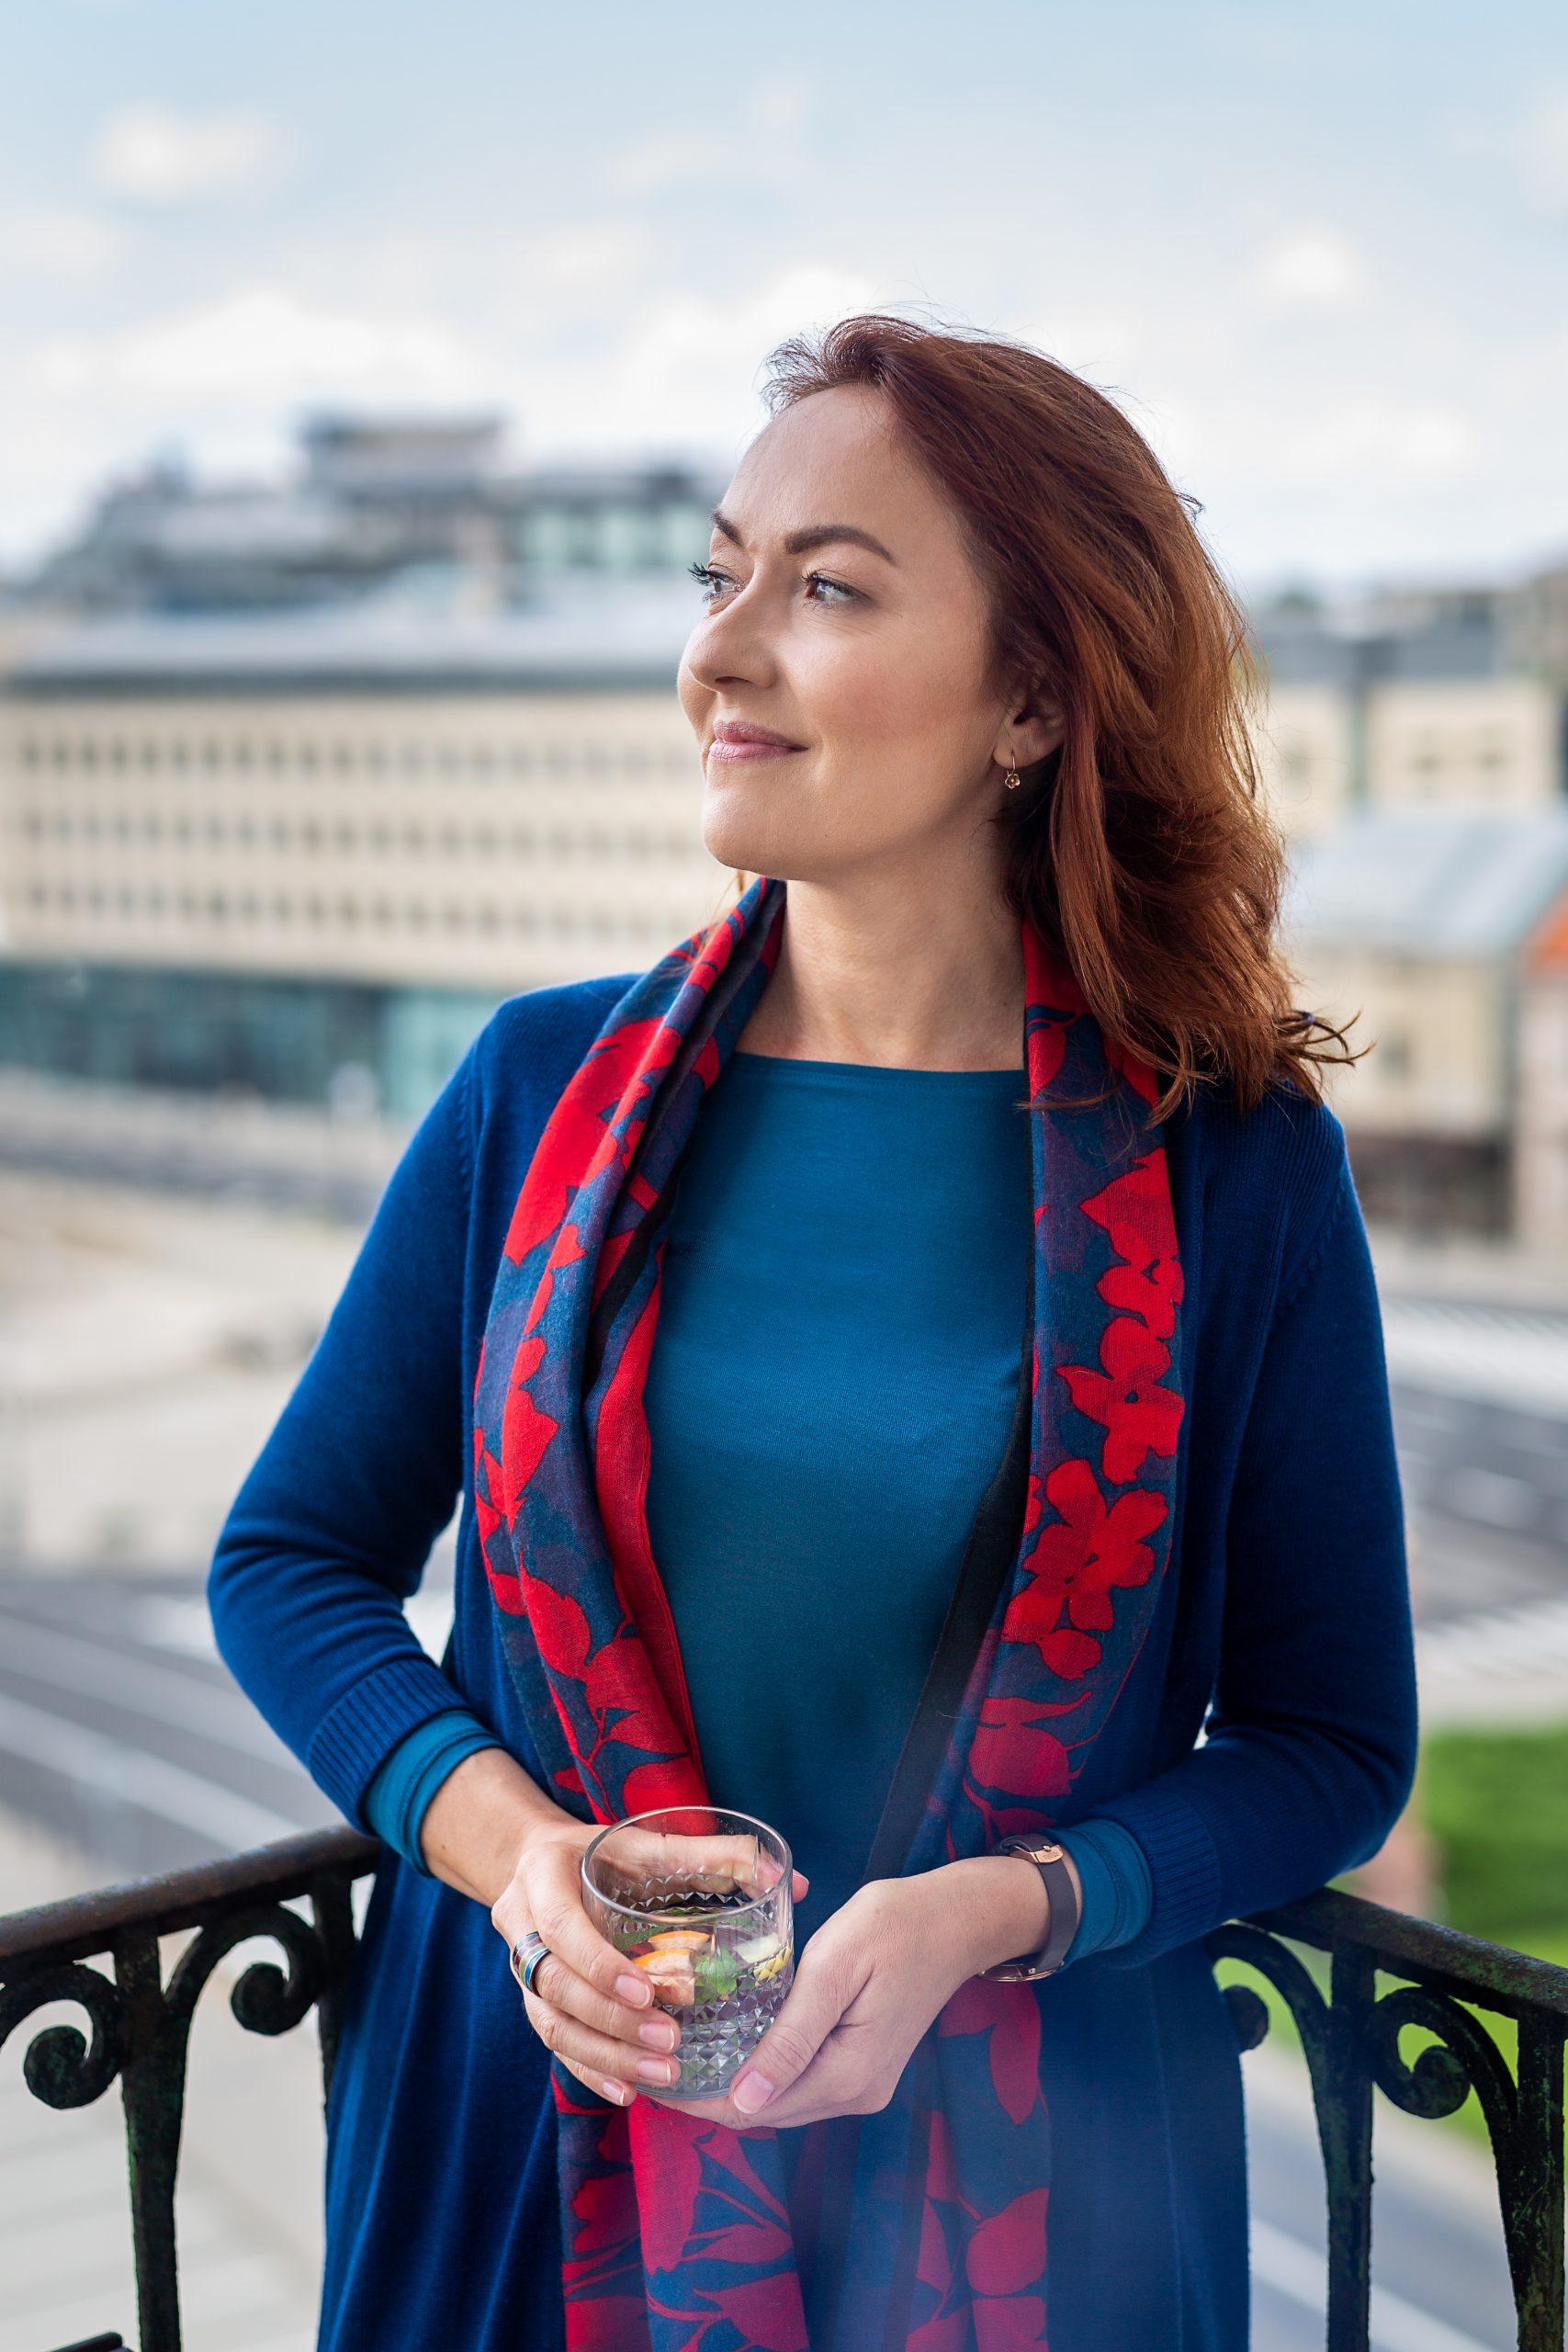 Zdjęcie przedstawia Annę Witkiewicz coacha kariery, która w nieformalnej stylizacji stoi na balkonie i patrz w dal